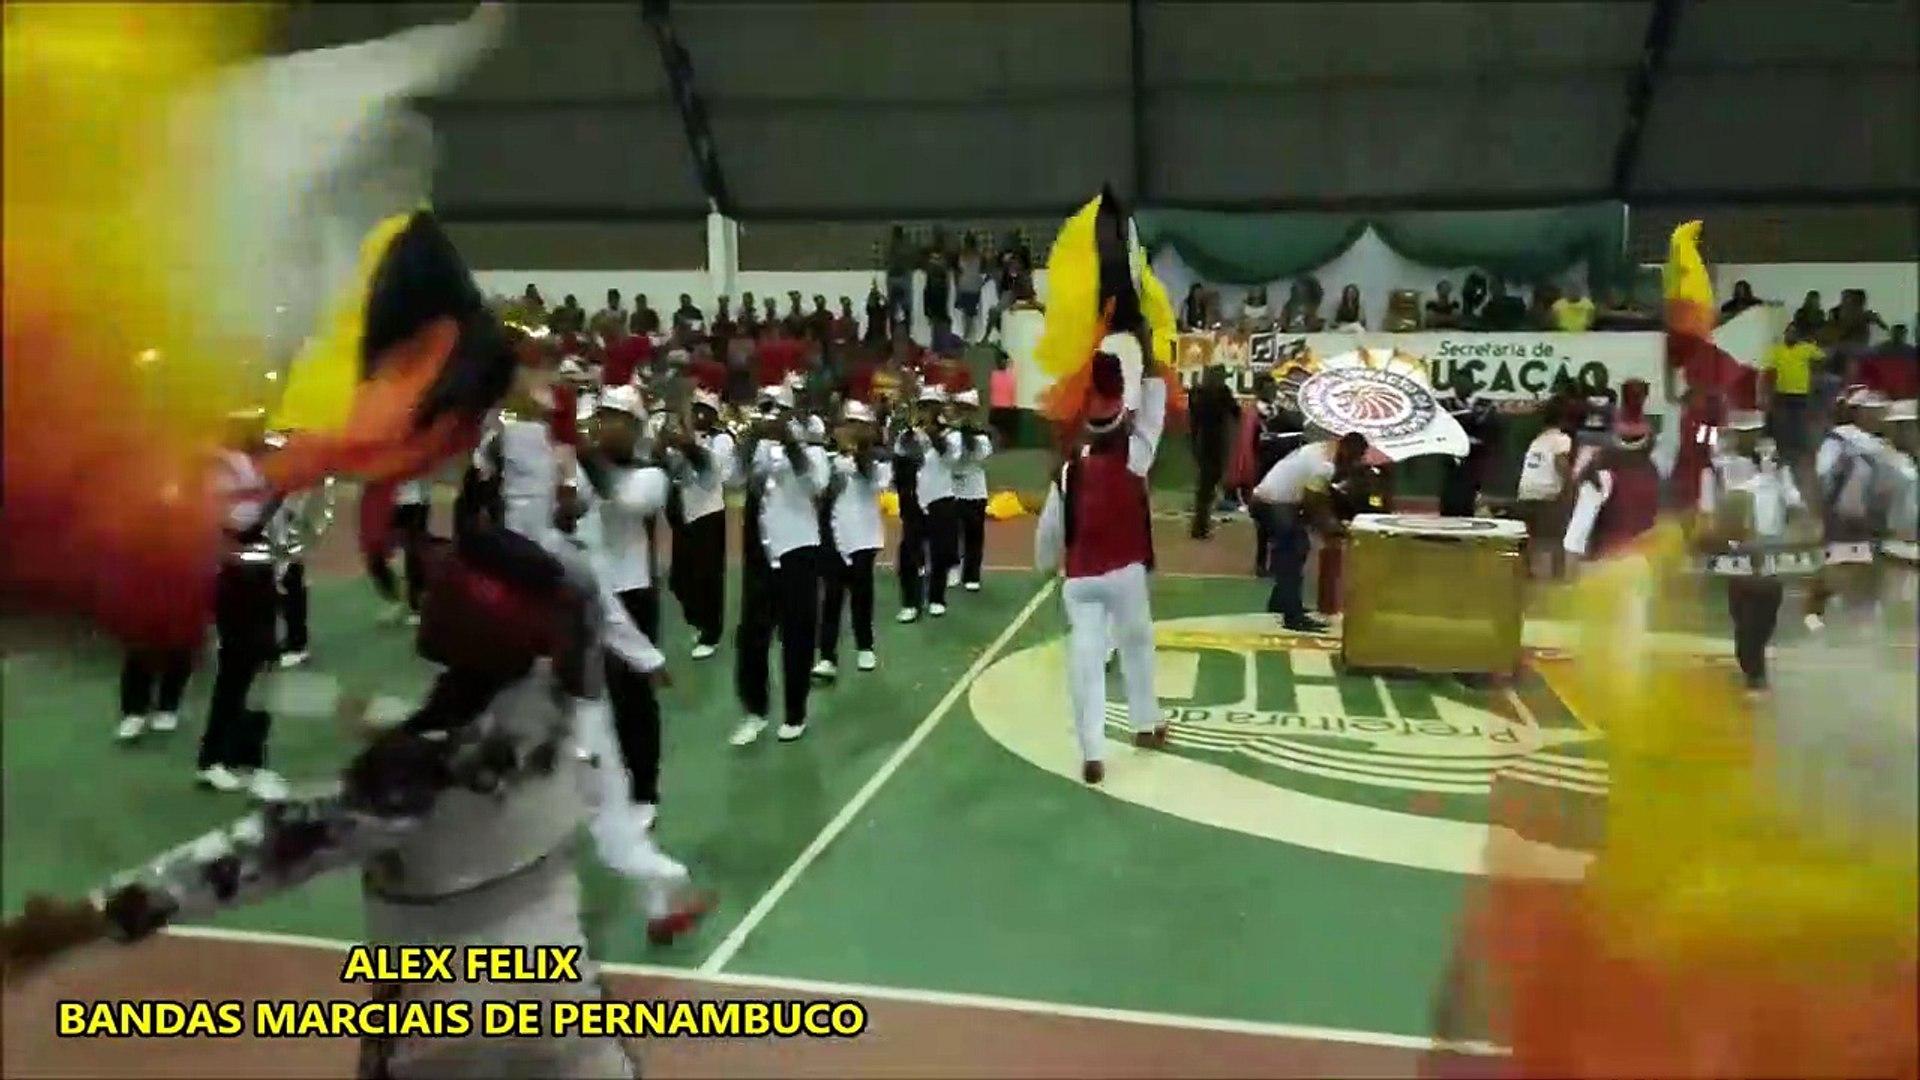 Banda Show Impacto da Bahia 2018 _ Copa Norte Nordeste de Bandas e Fanfarras Em Altinho - Pernambuco